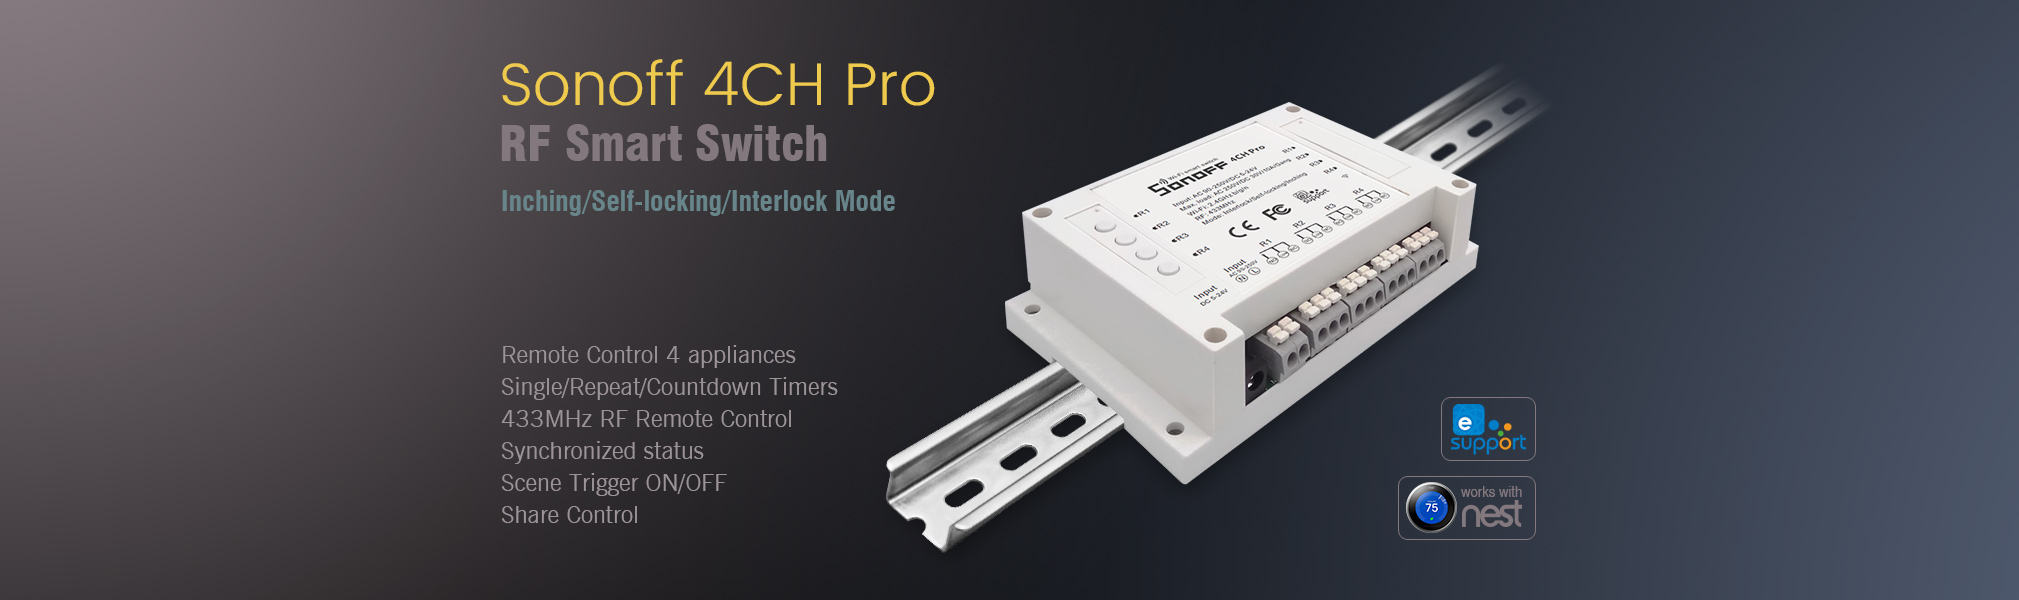 Sonoff 4Ch Pro WiFi/Internet Switch Linked to Alexa